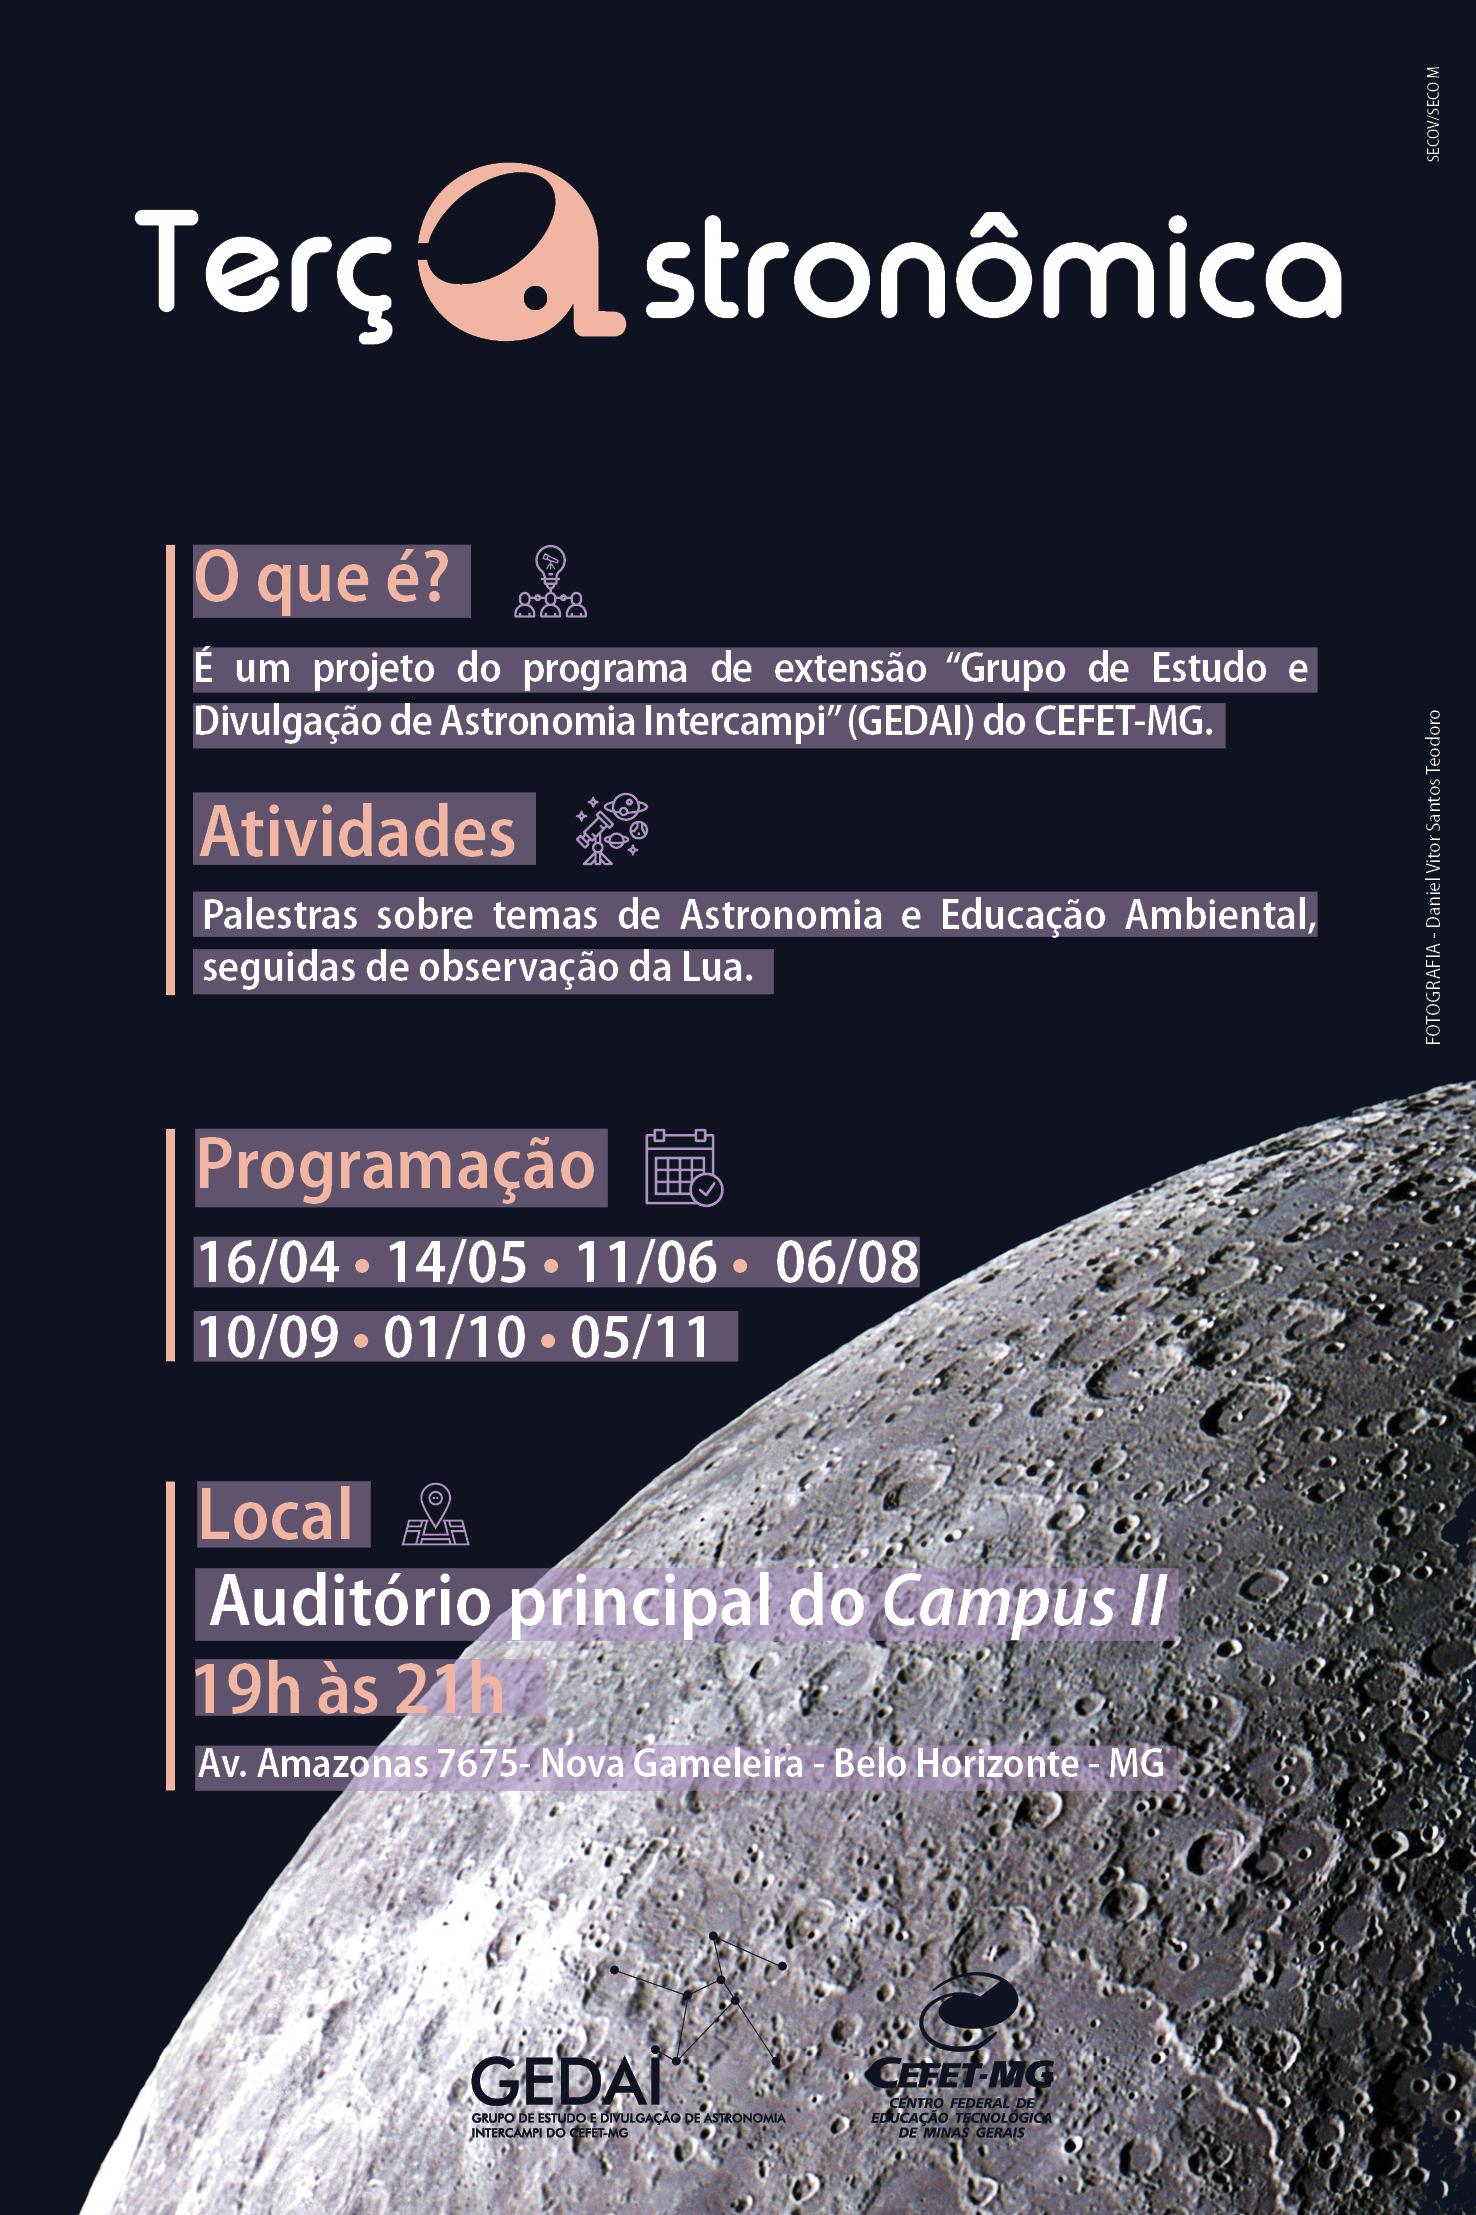 banner_terca_astronomica1_4_2019